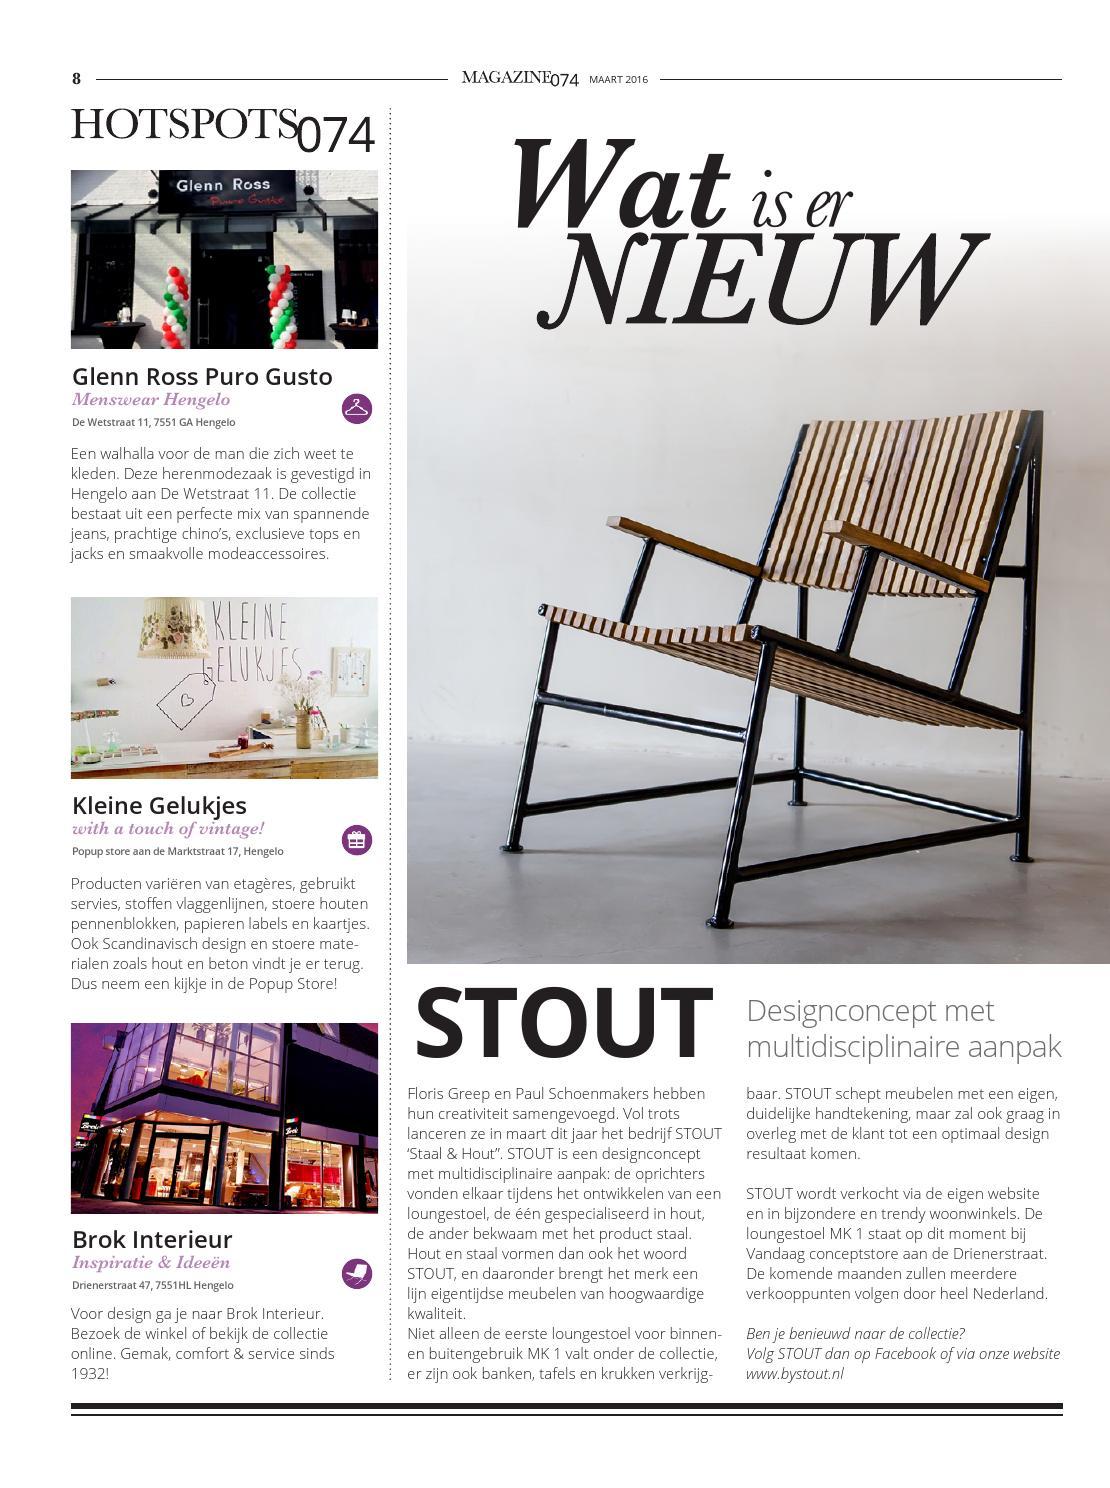 magazine074 02 by vestamedia issuu